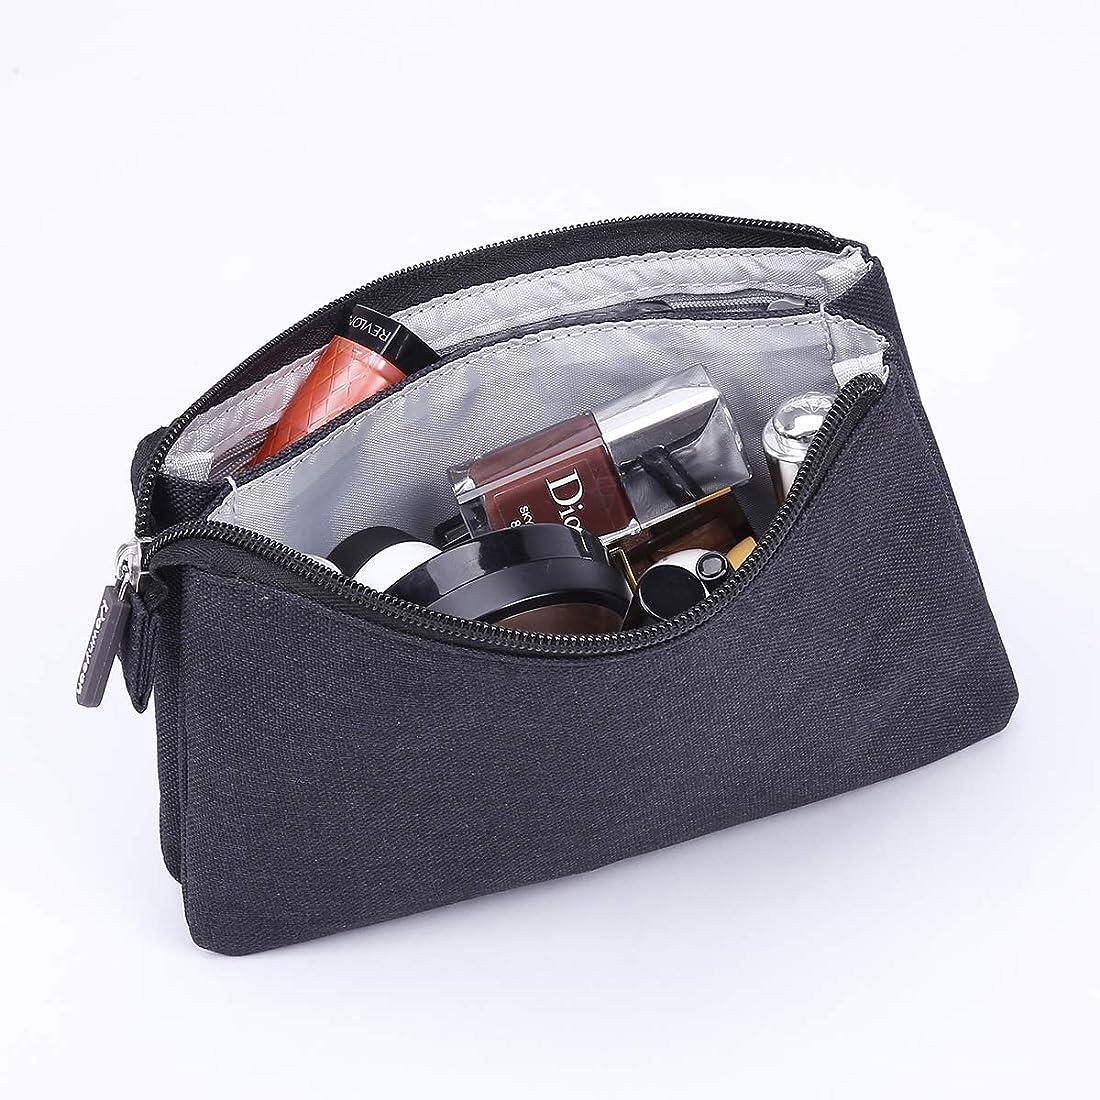 ボクシングユーモア杖Rownyeon 化粧ポーチ メイクポーチ クラッチバッグ 小型 財布 インナー コスメポーチ 大容量 機能的 小物入れ シンプル 小物ケース 携帯用 普段使い 人気